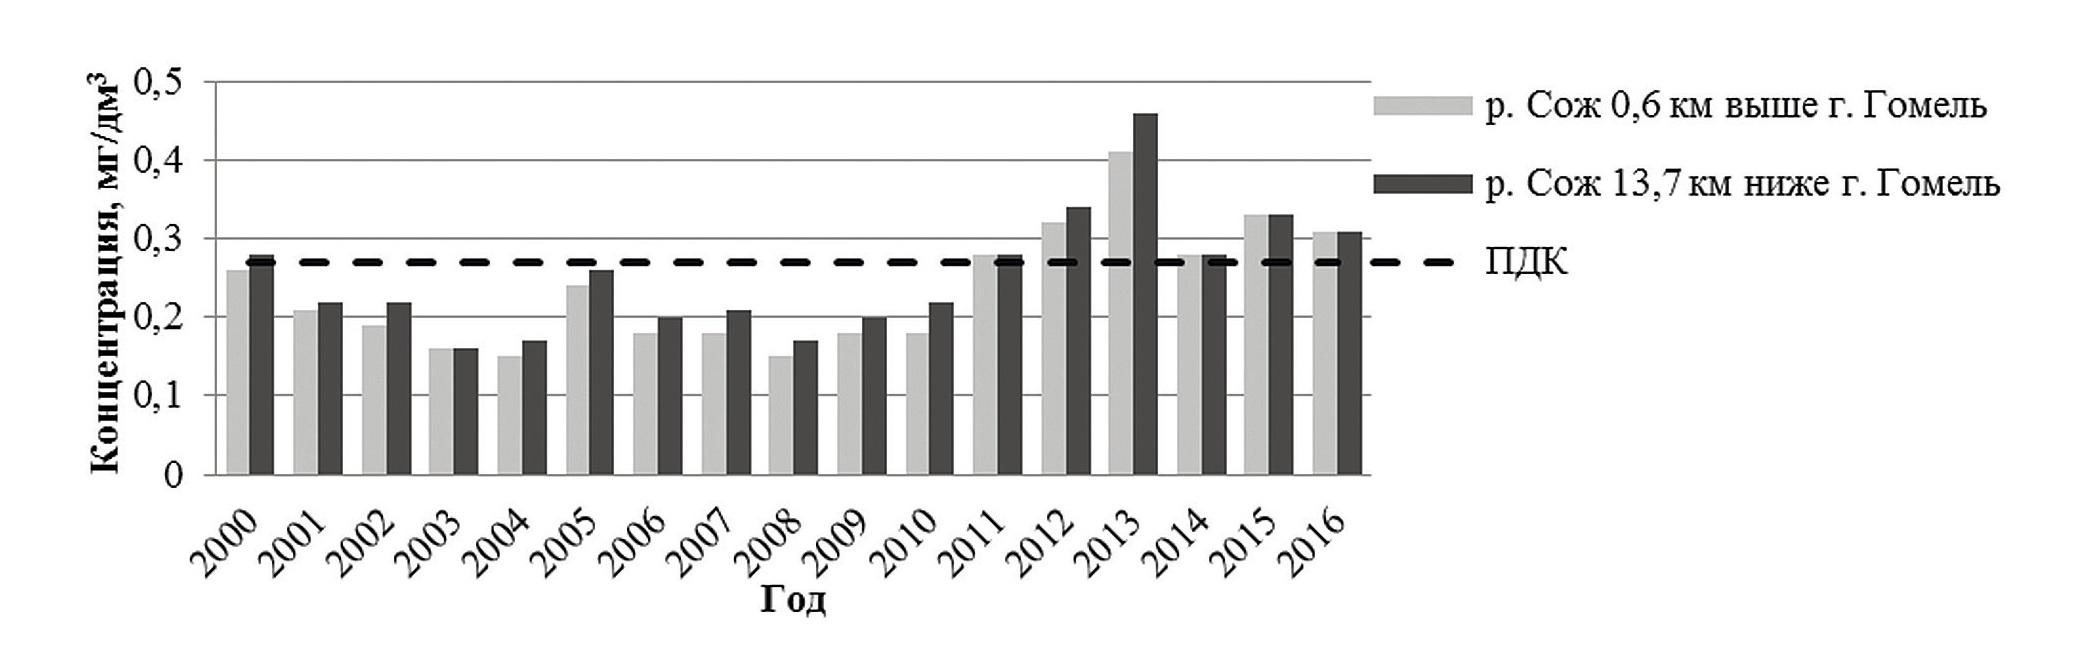 Рисунок 1 — Среднегодовые концентрации железа общего в р. Сож за период 2000-2016 гг.